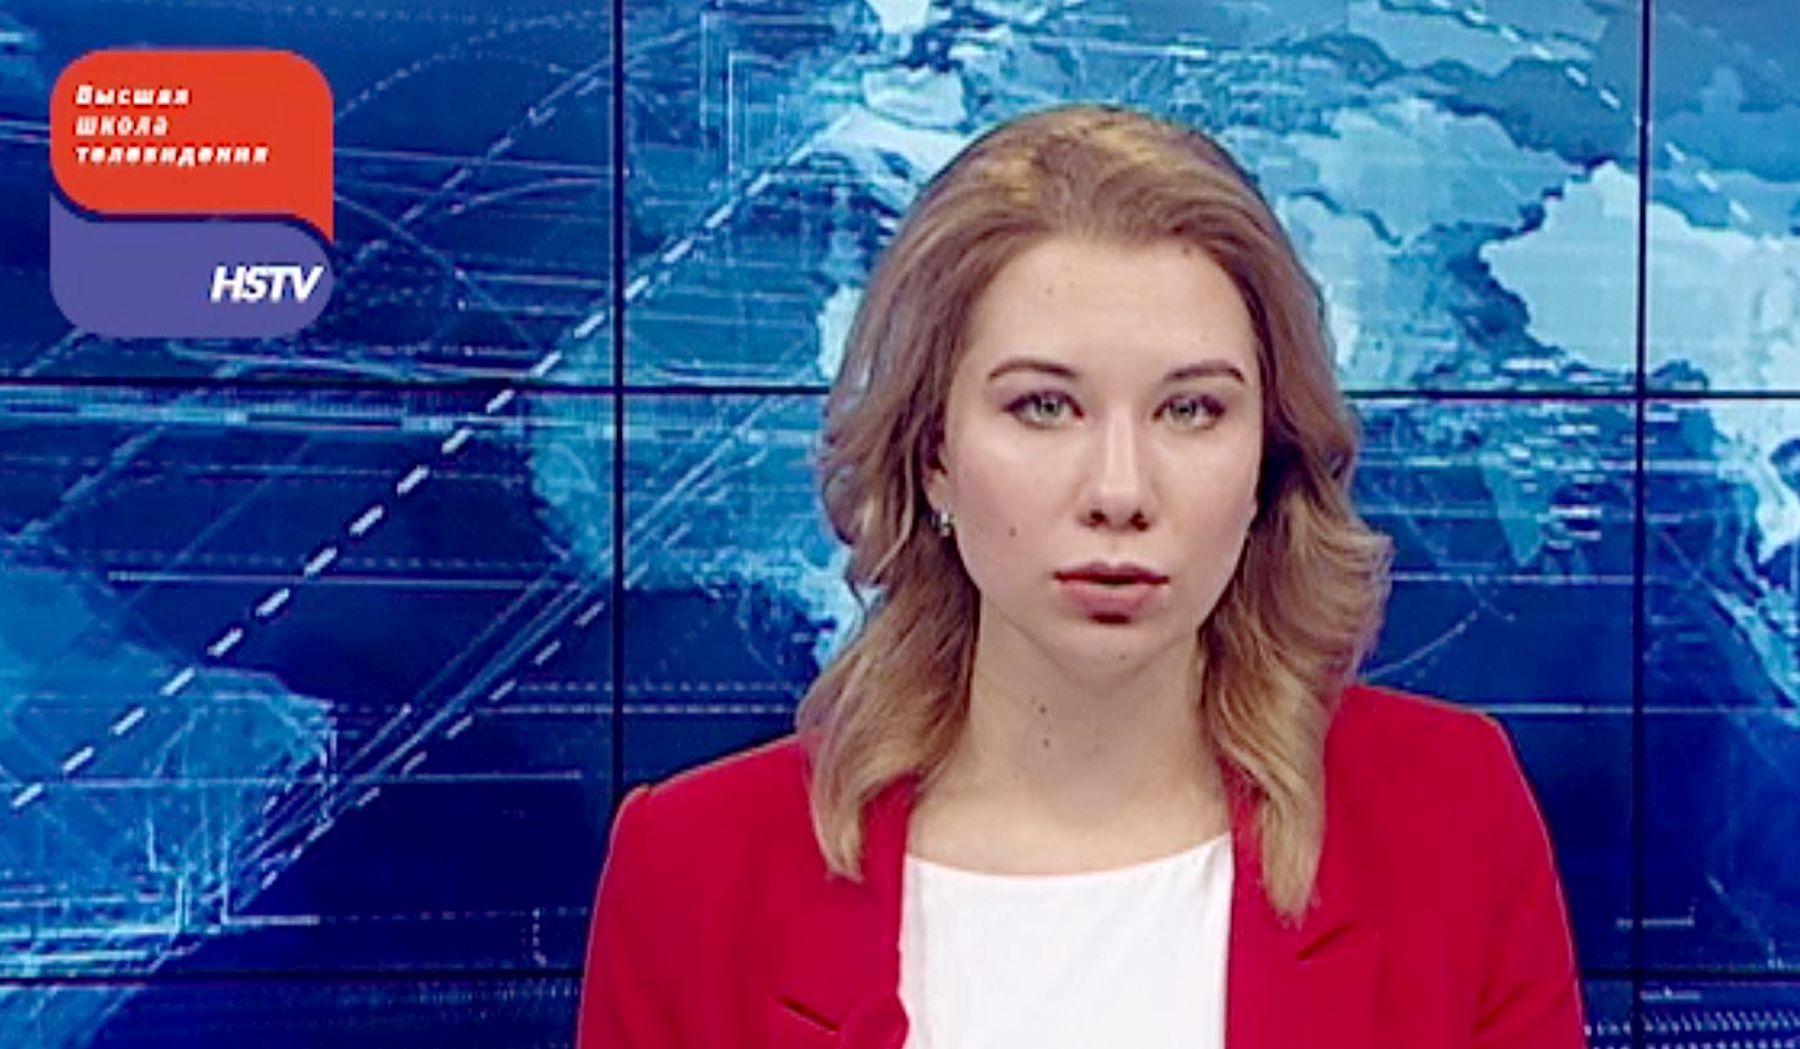 Выпускники и студенты ВШТ в эфире государственной телерадиокомпании «Владивосток»